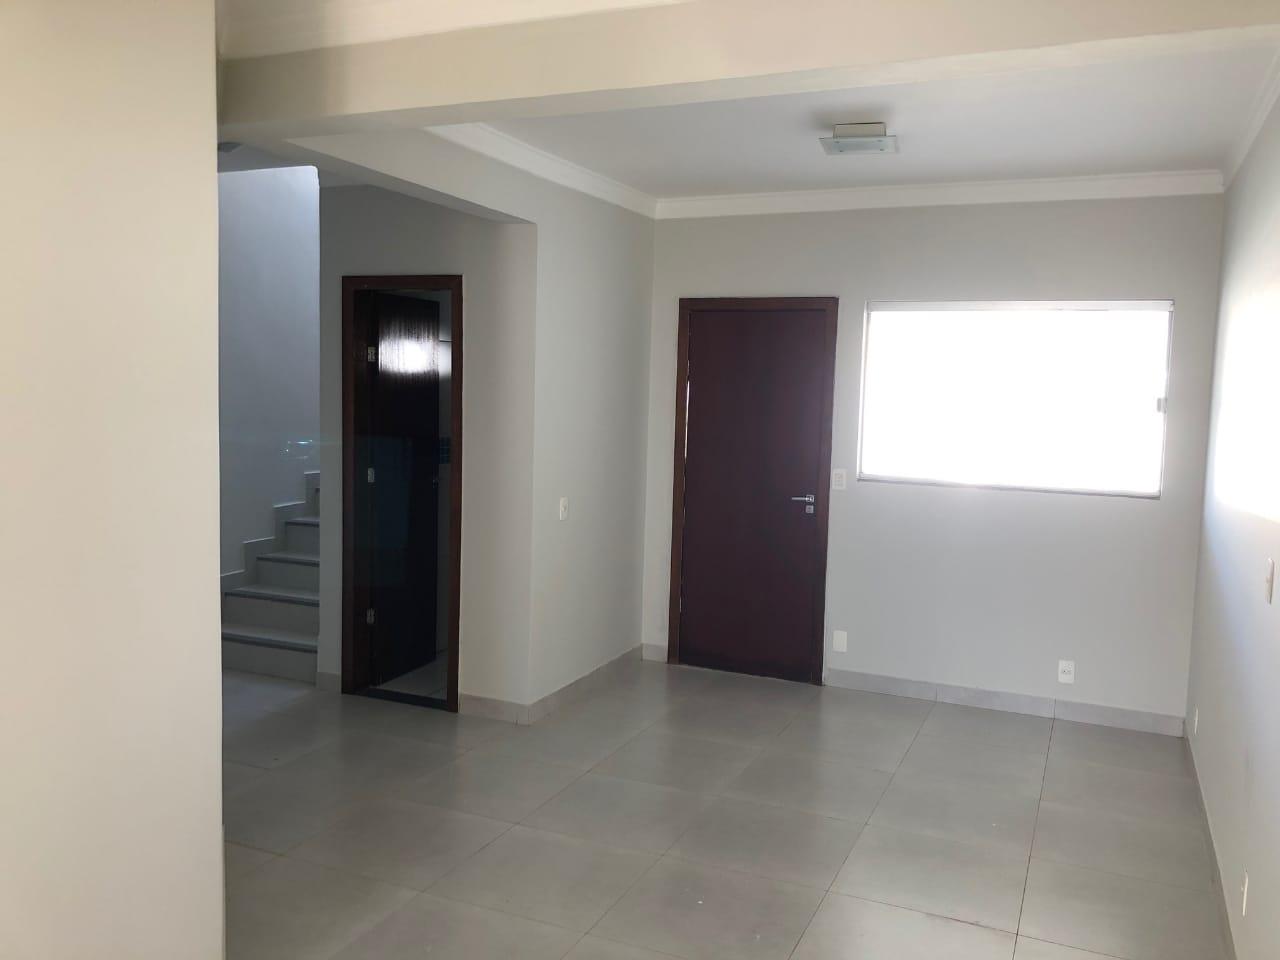 Sobrado  com 3 quartos sendo 1 Suíte no Santa Rosa, Cuiabá  - MT